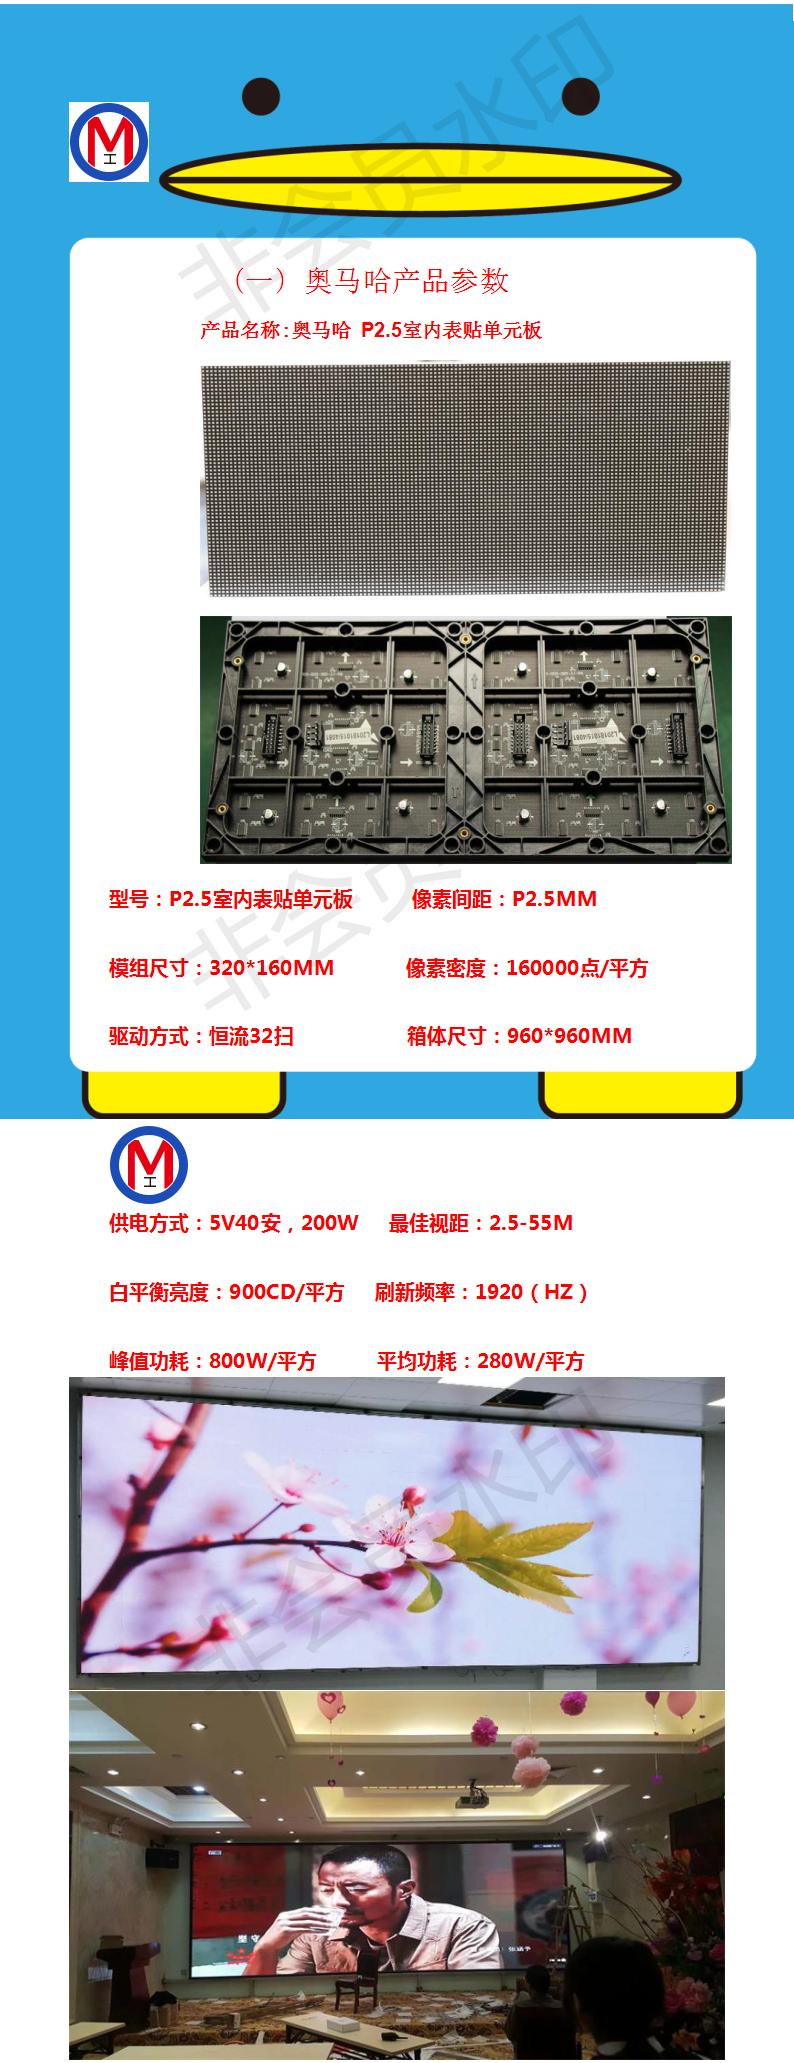 深圳市民中心B区多功能会议LED室内钟屏专用P2.5外弧屏(奥马哈)